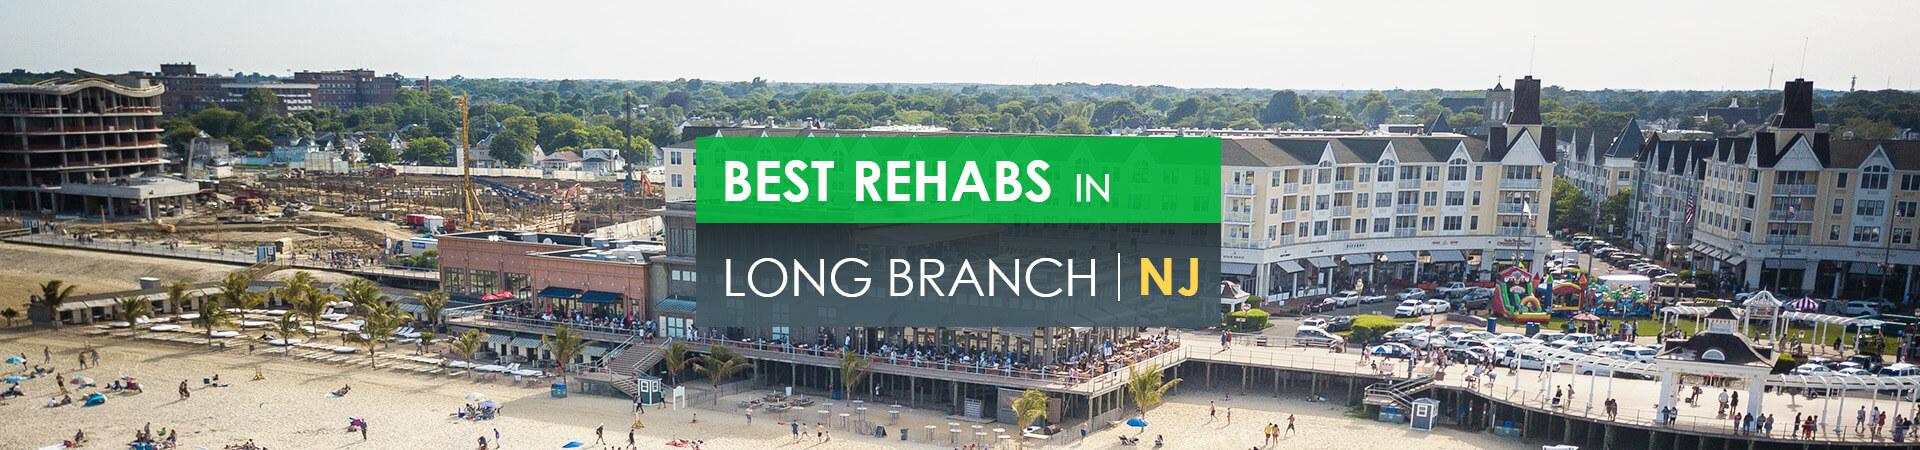 Best rehabs in Long Branch, NJ